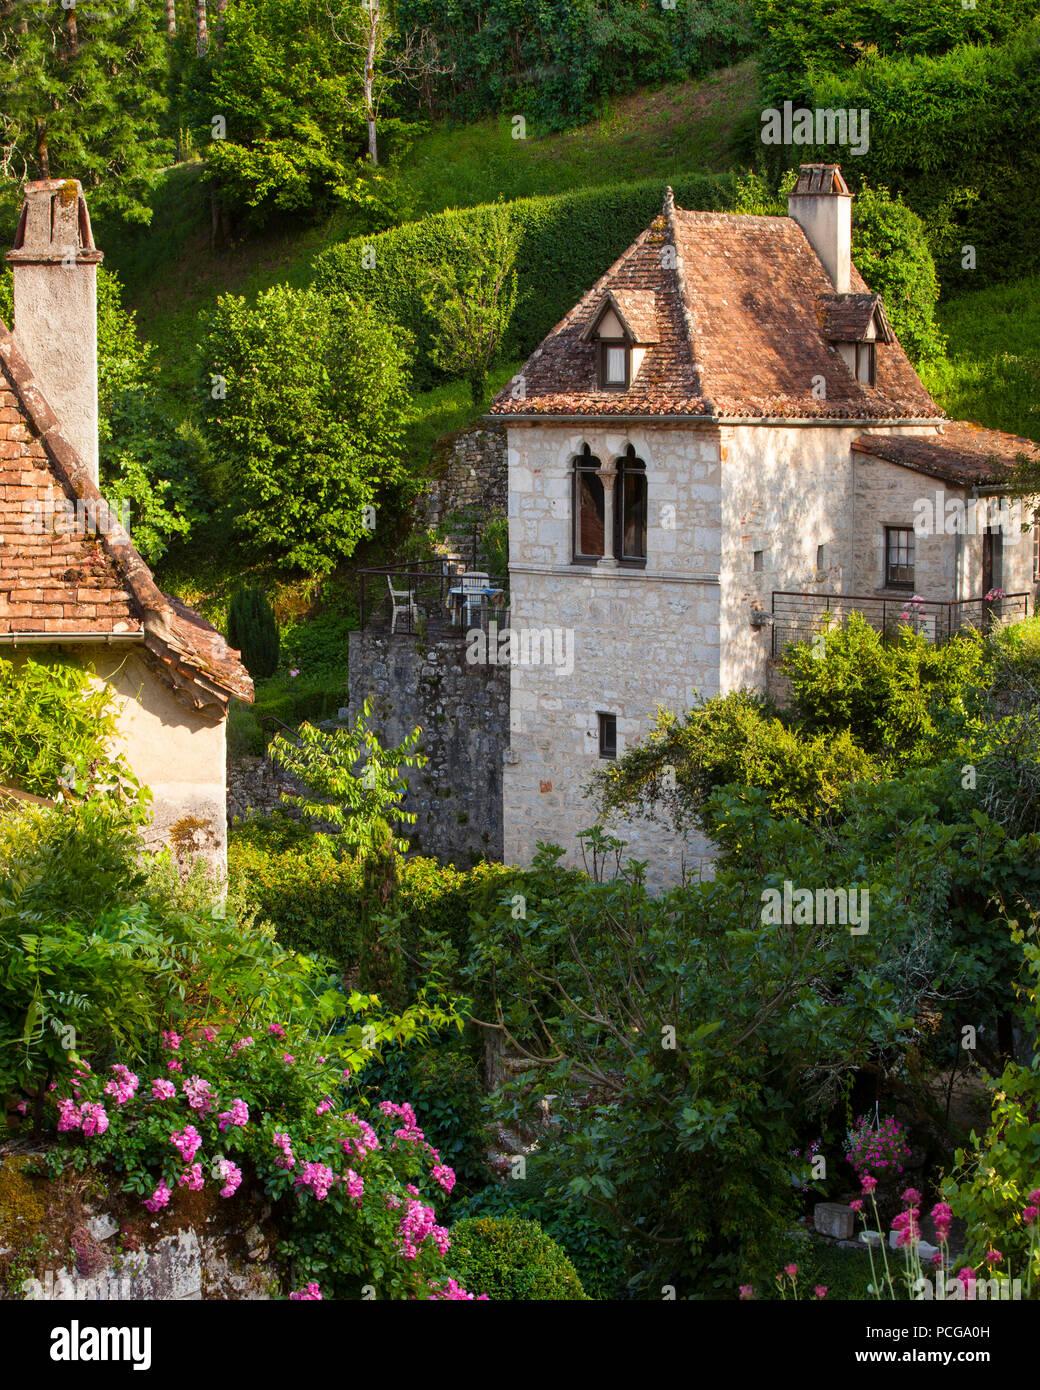 Case e giardini di fiori in Saint-Cirq-Lapopie, Valle del Lot, Midi-Pyreness Francia Immagini Stock